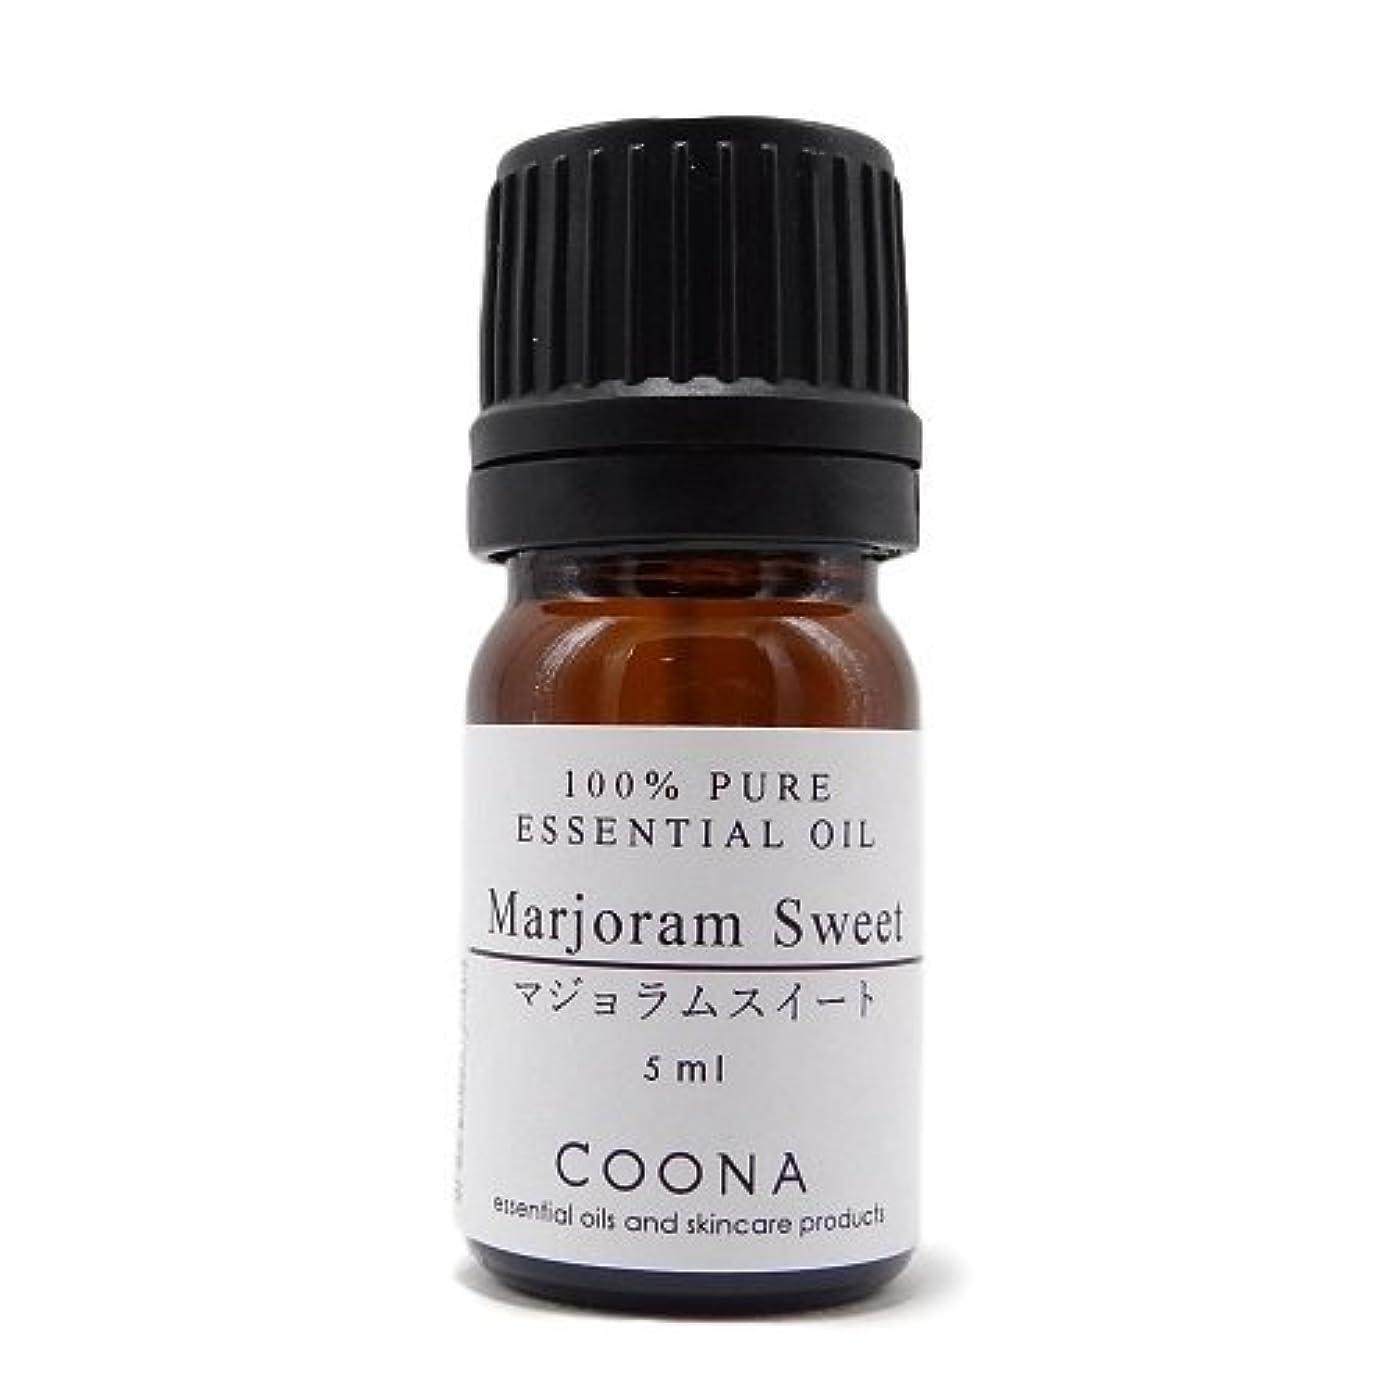 勇気のある強打アラスカマジョラム スイート 5 ml (COONA エッセンシャルオイル アロマオイル 100%天然植物精油)